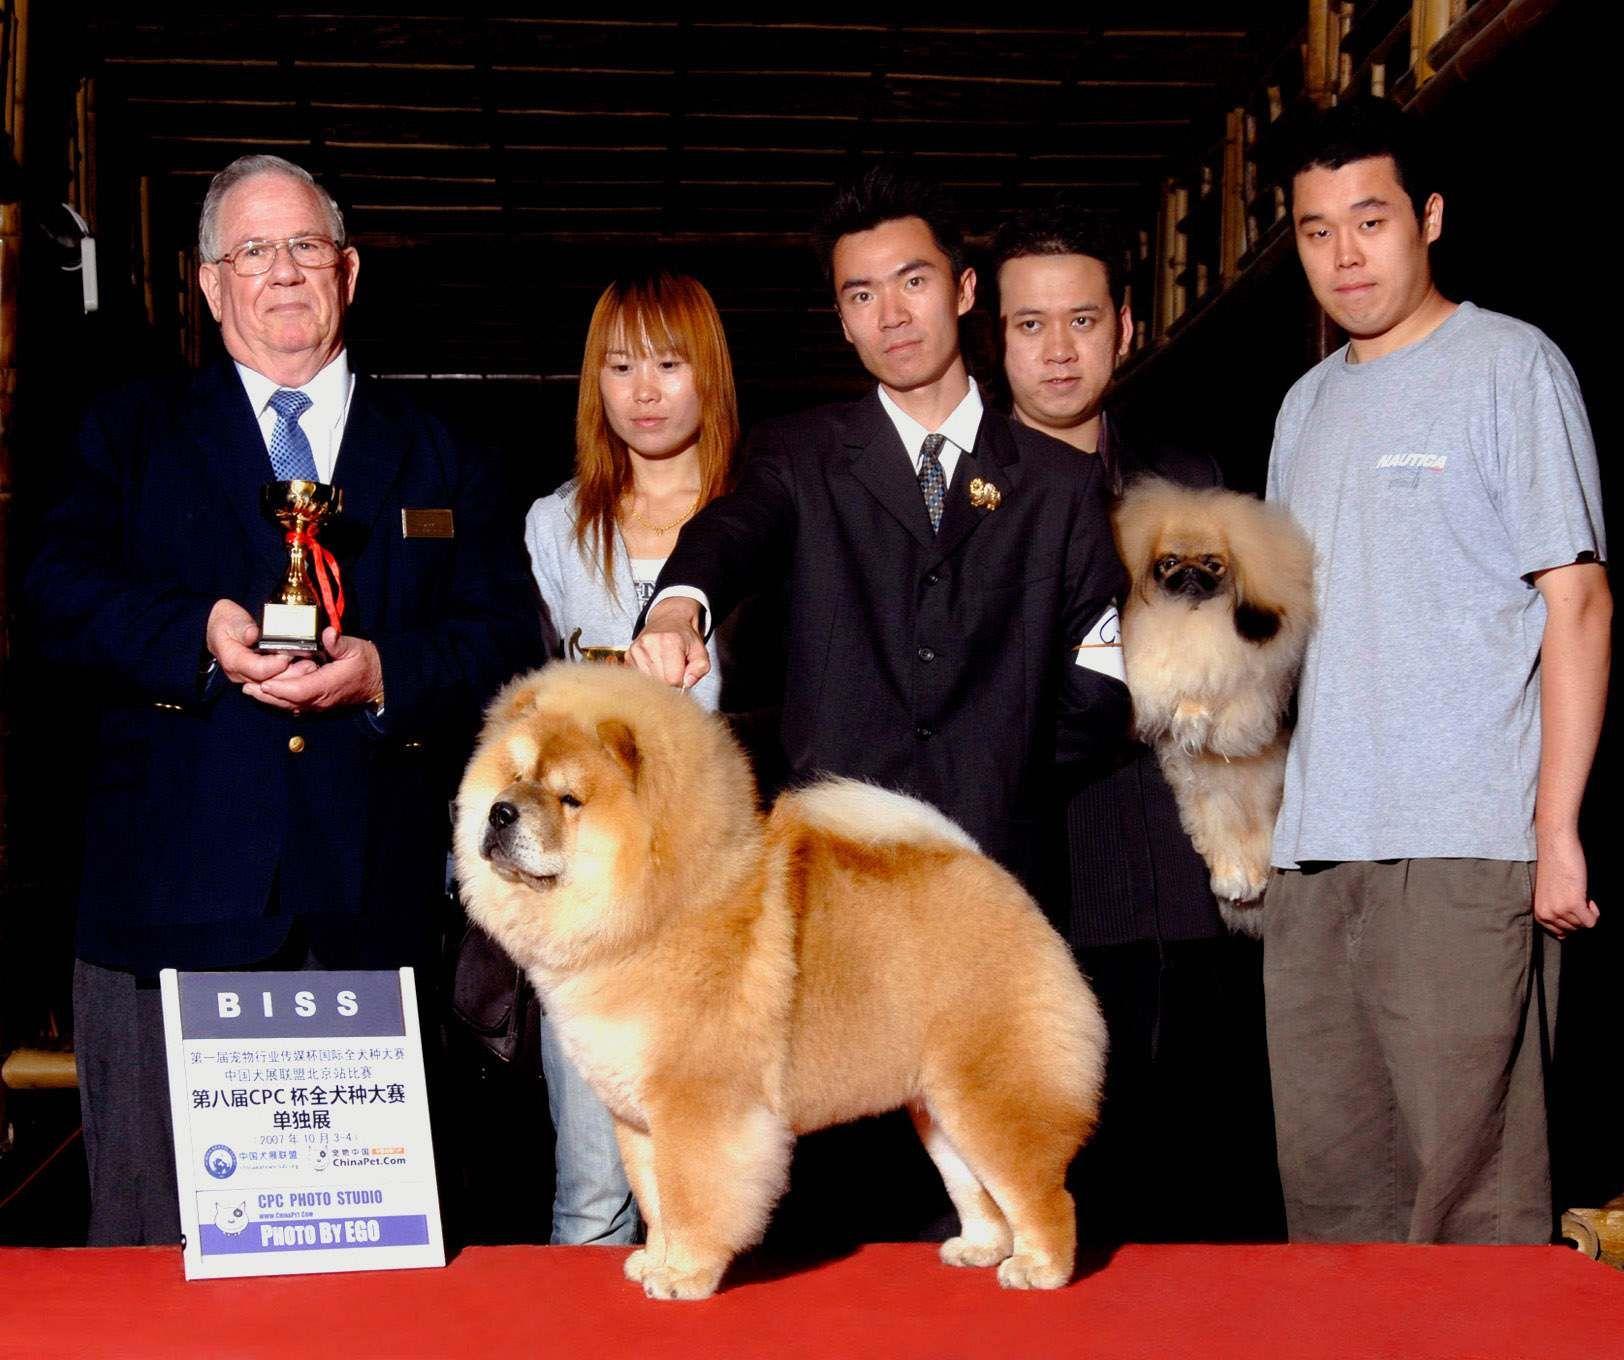 松狮犬高清图片07.10.4日HOPE获宠物派松狮单独展松狮总冠军BISS